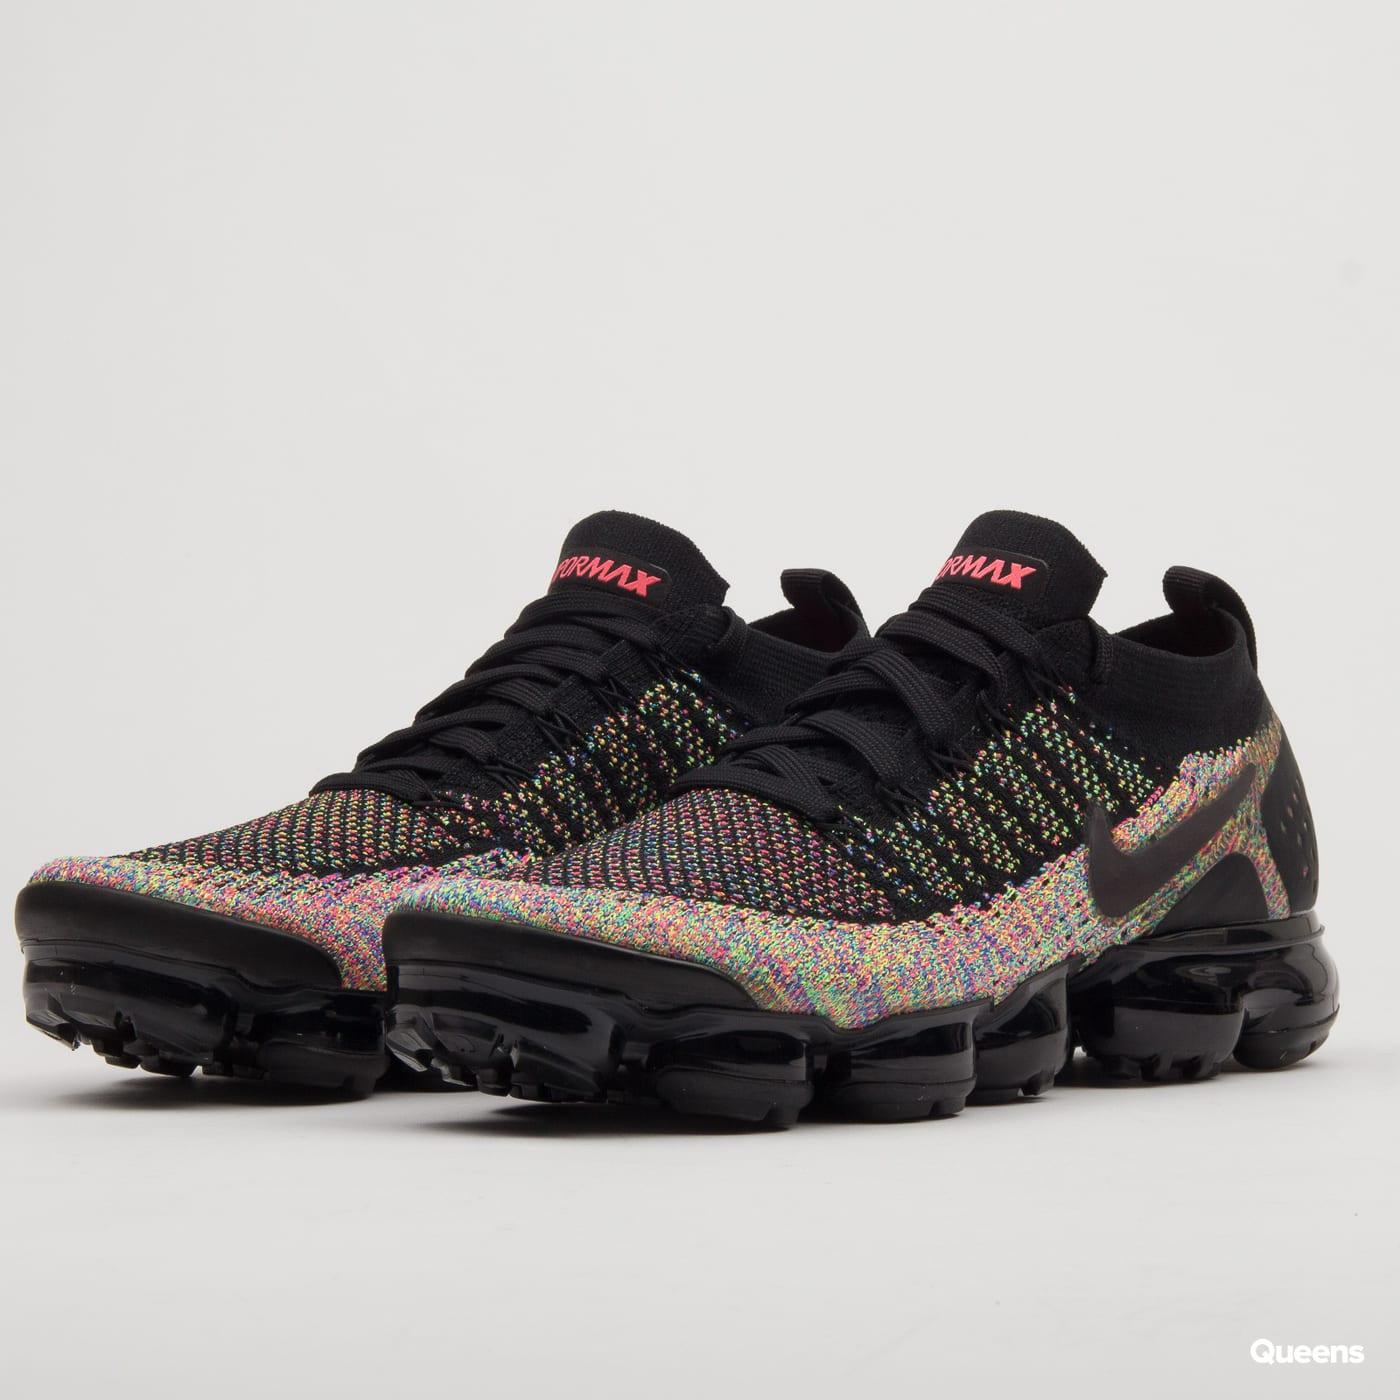 adc9d1ae05bb0a 942842 Vapormax Air 2 017 Nike – Schuhe Flyknit Queens X7qAnS